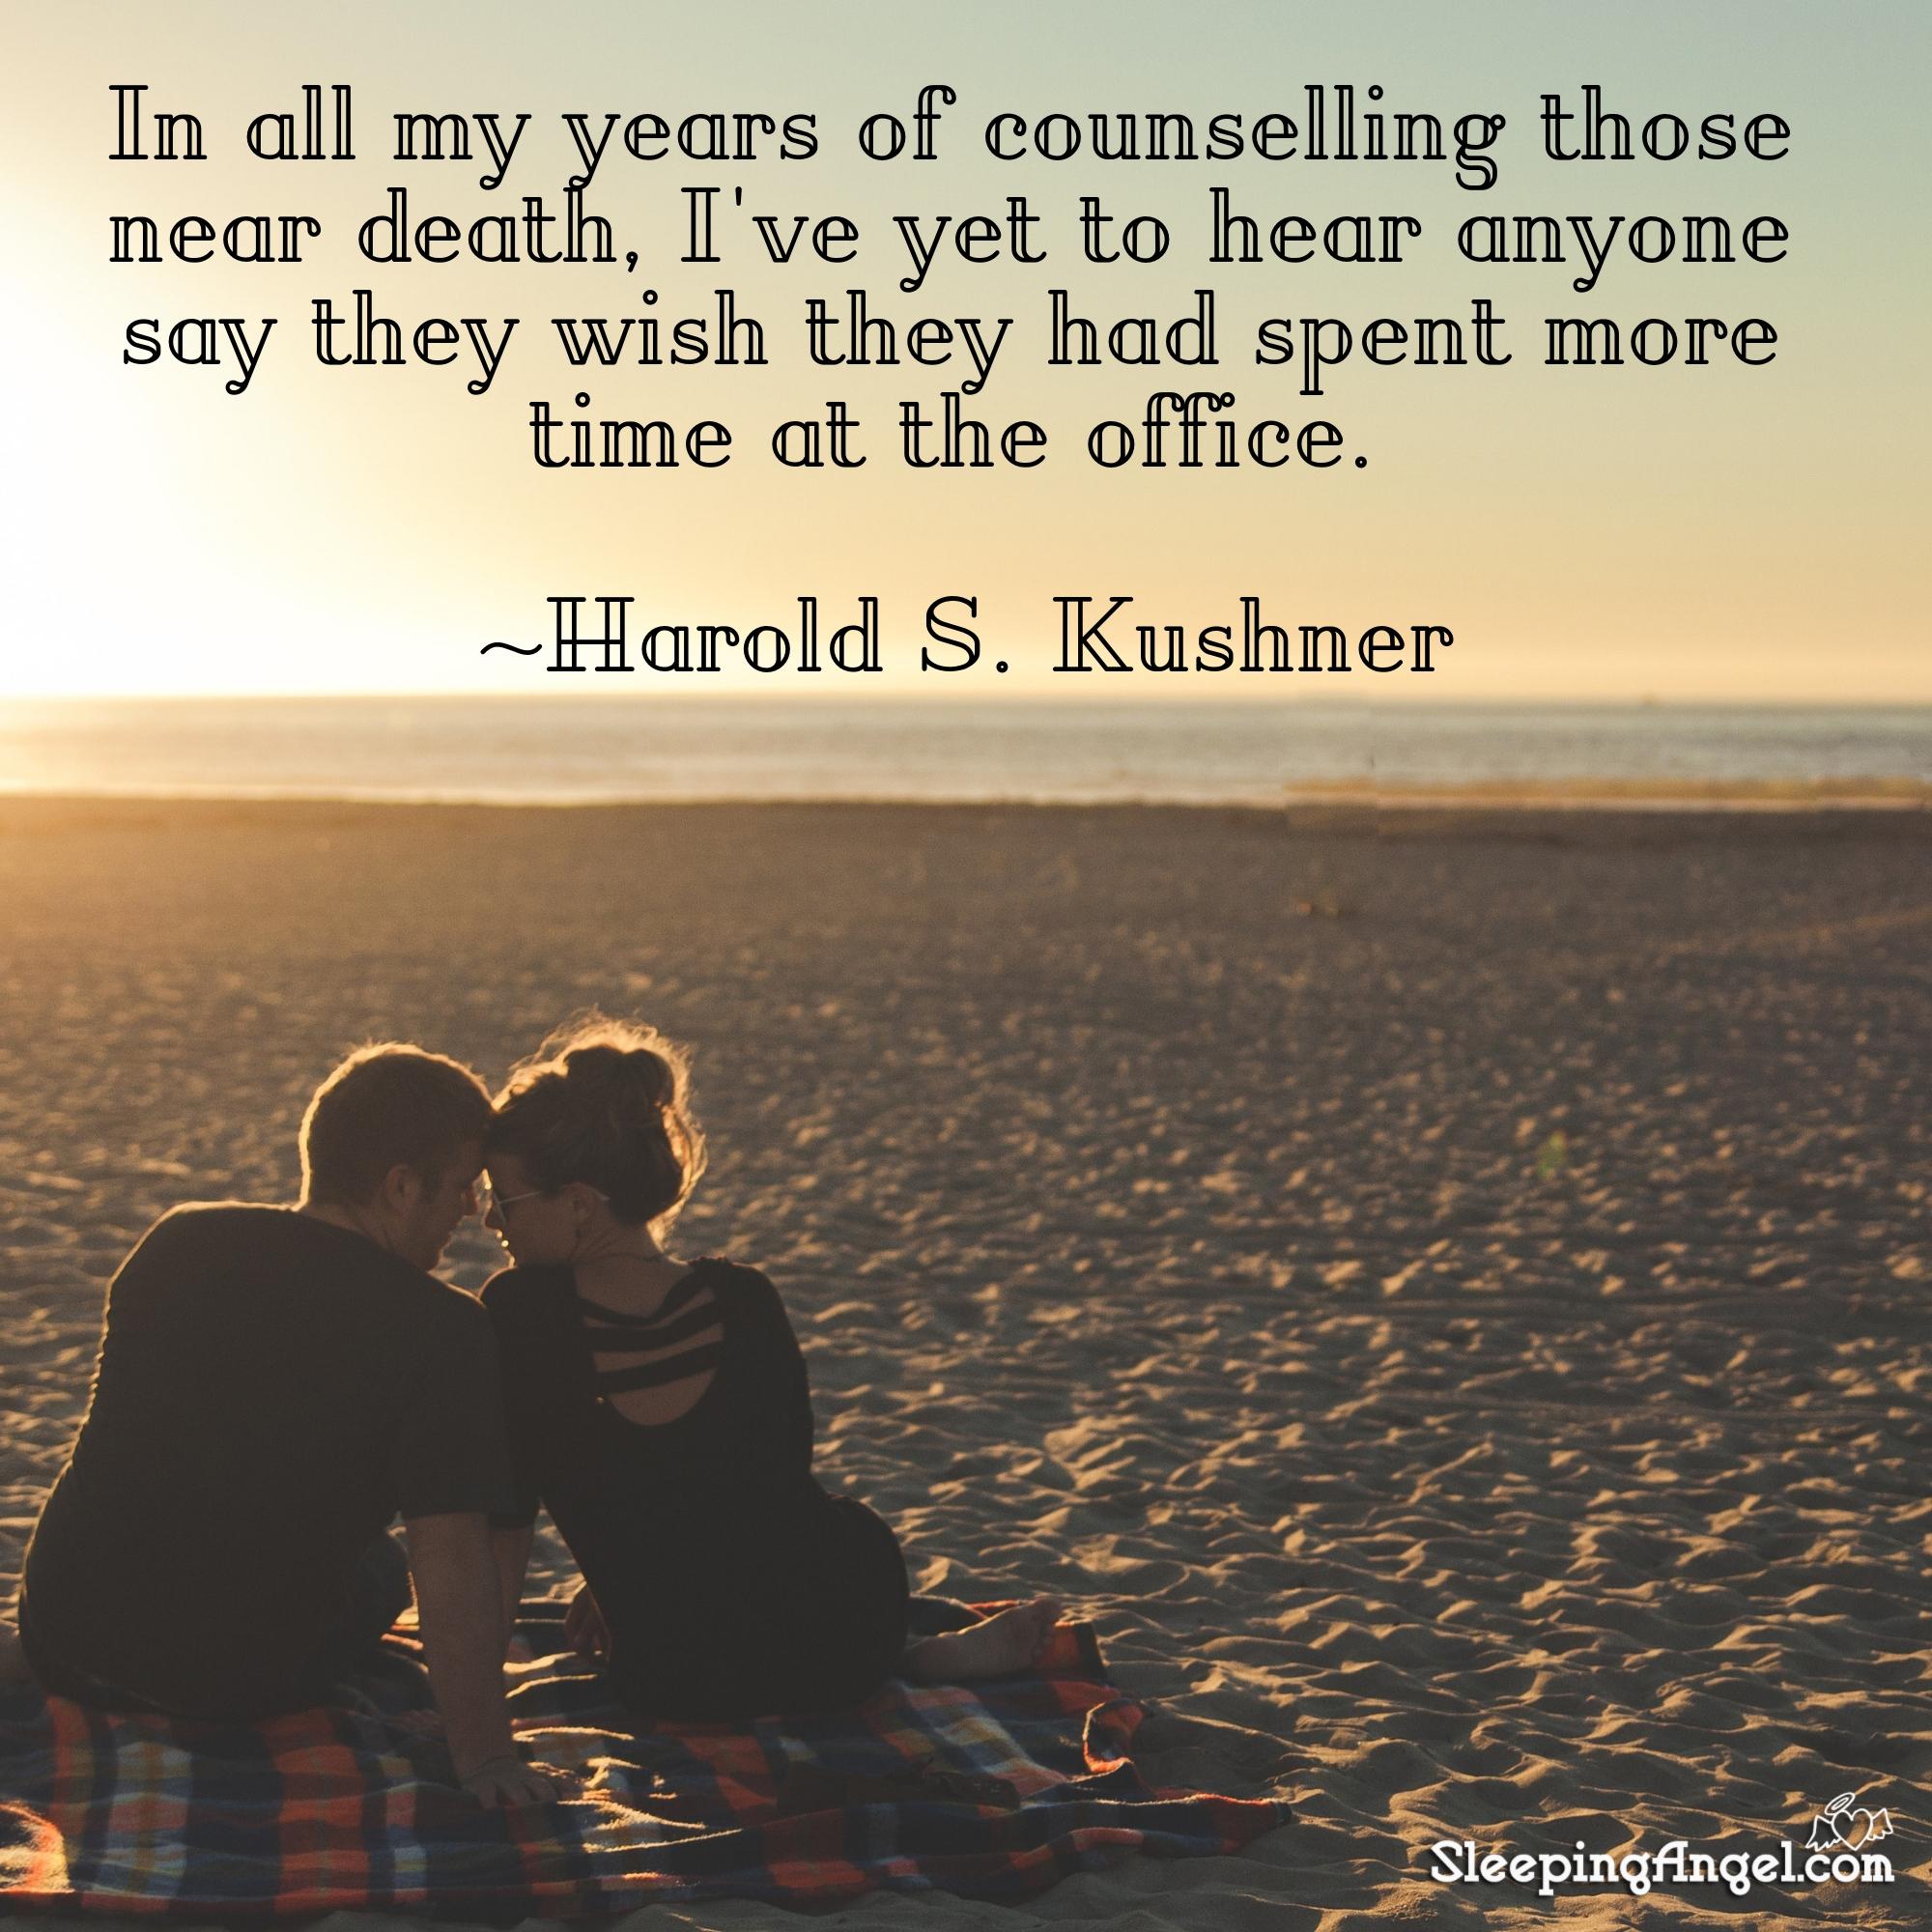 Harold S. Kushner Quote